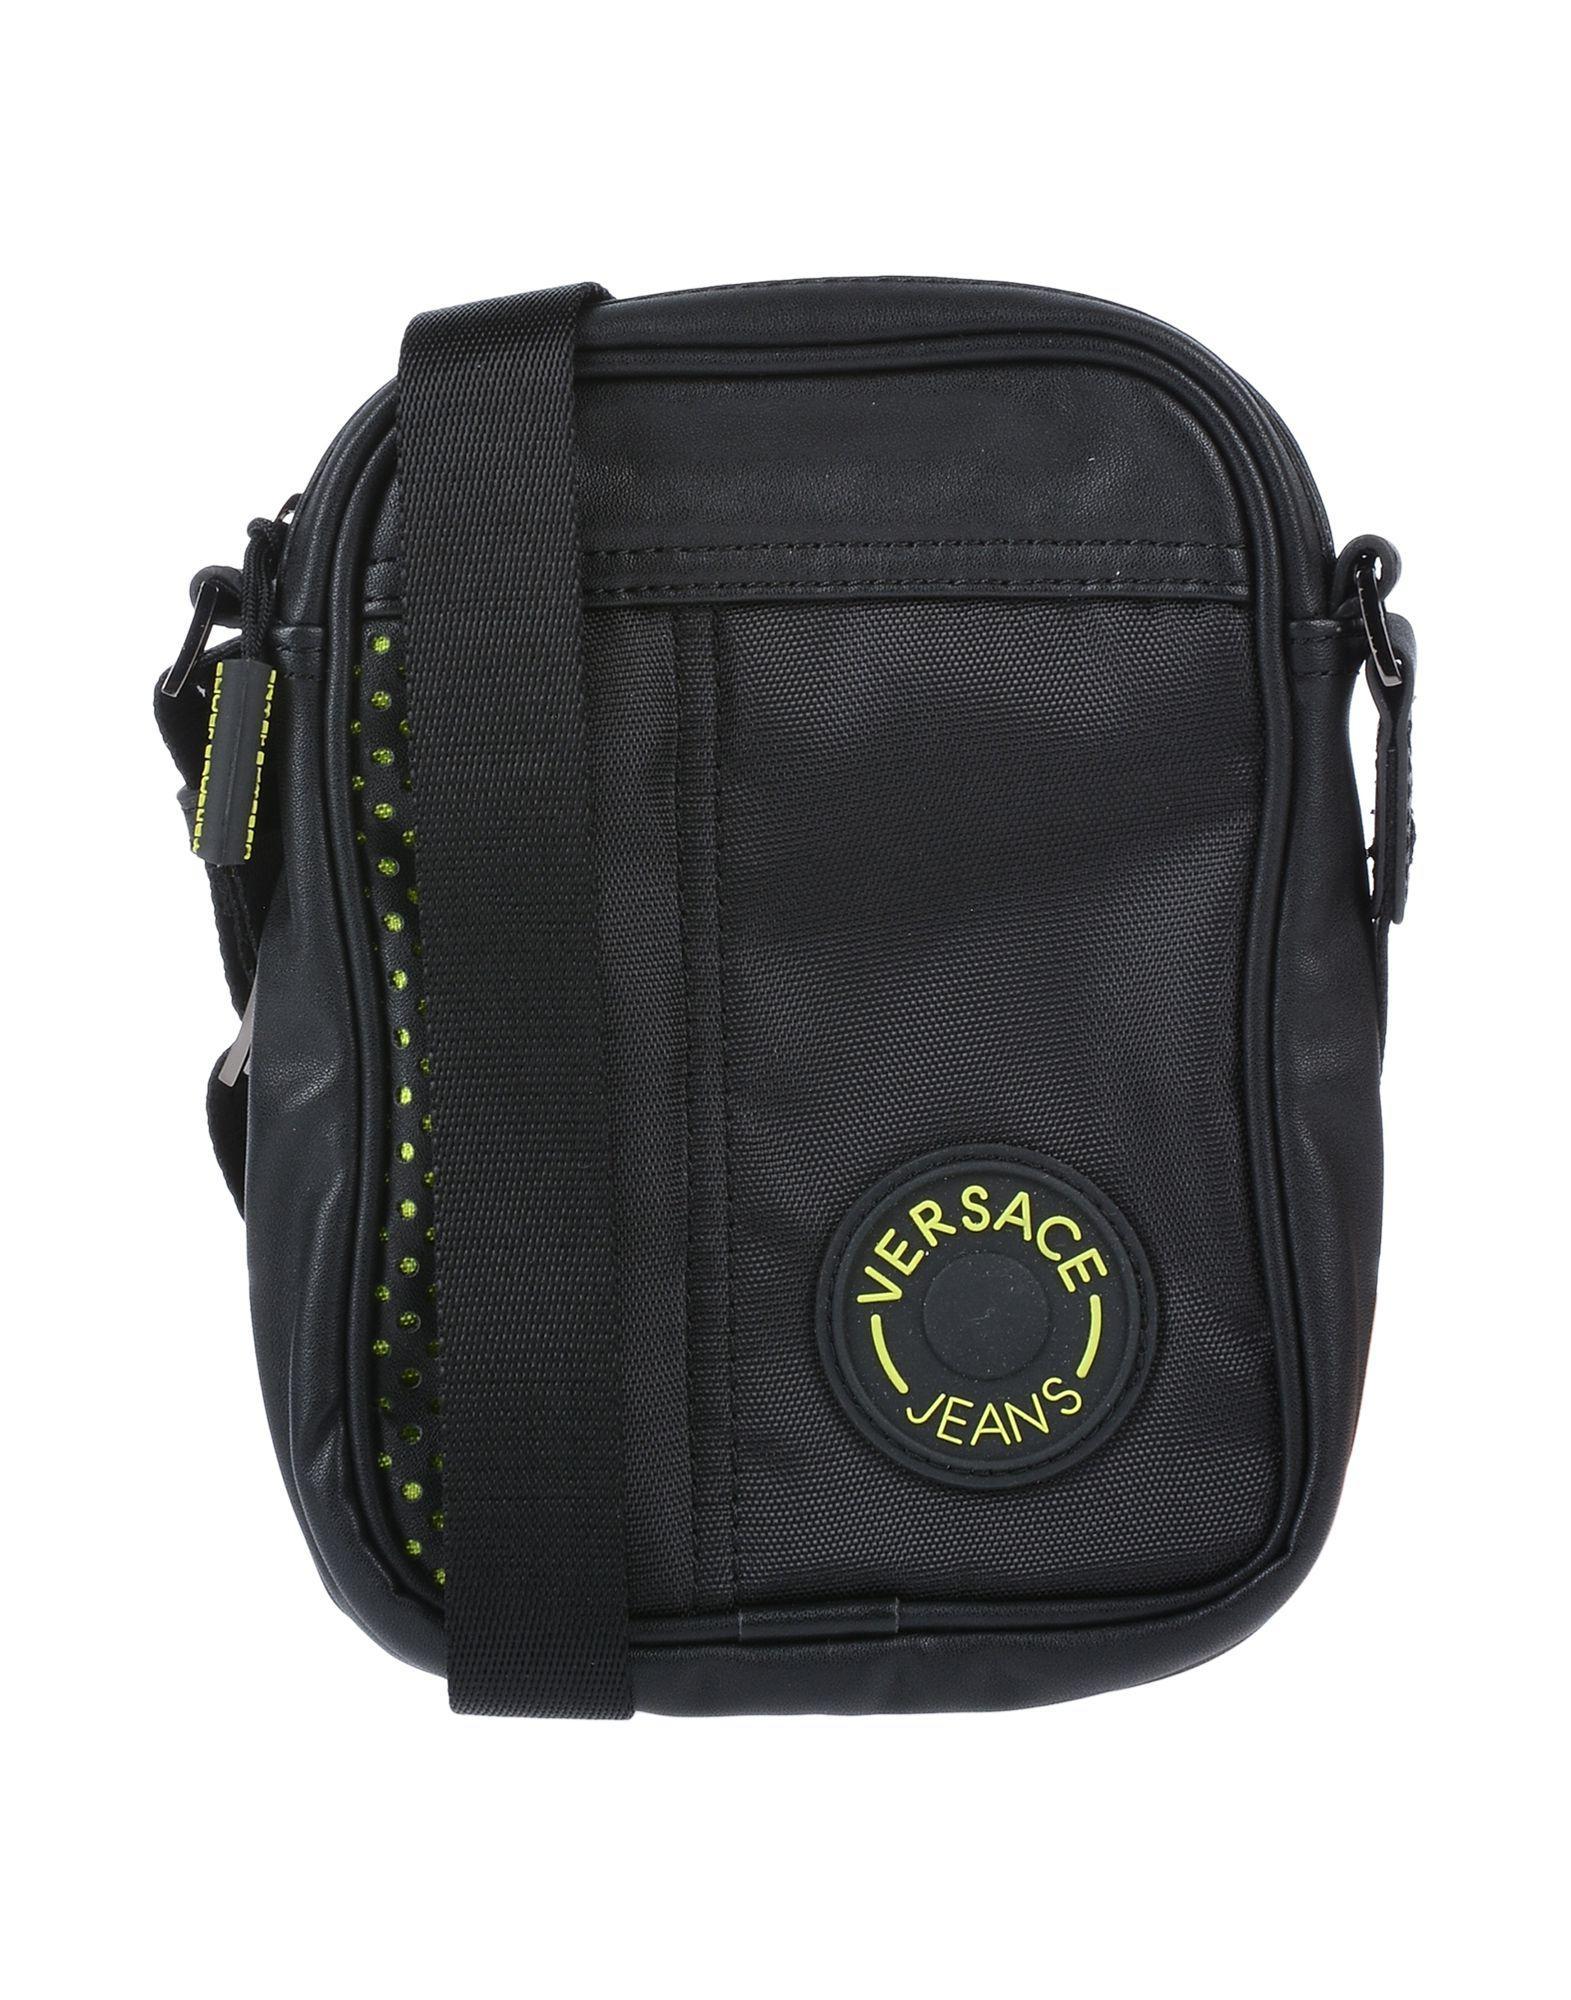 Versace Jeans Cross-body Bag in Black for Men - Lyst 6a63aa7e38078